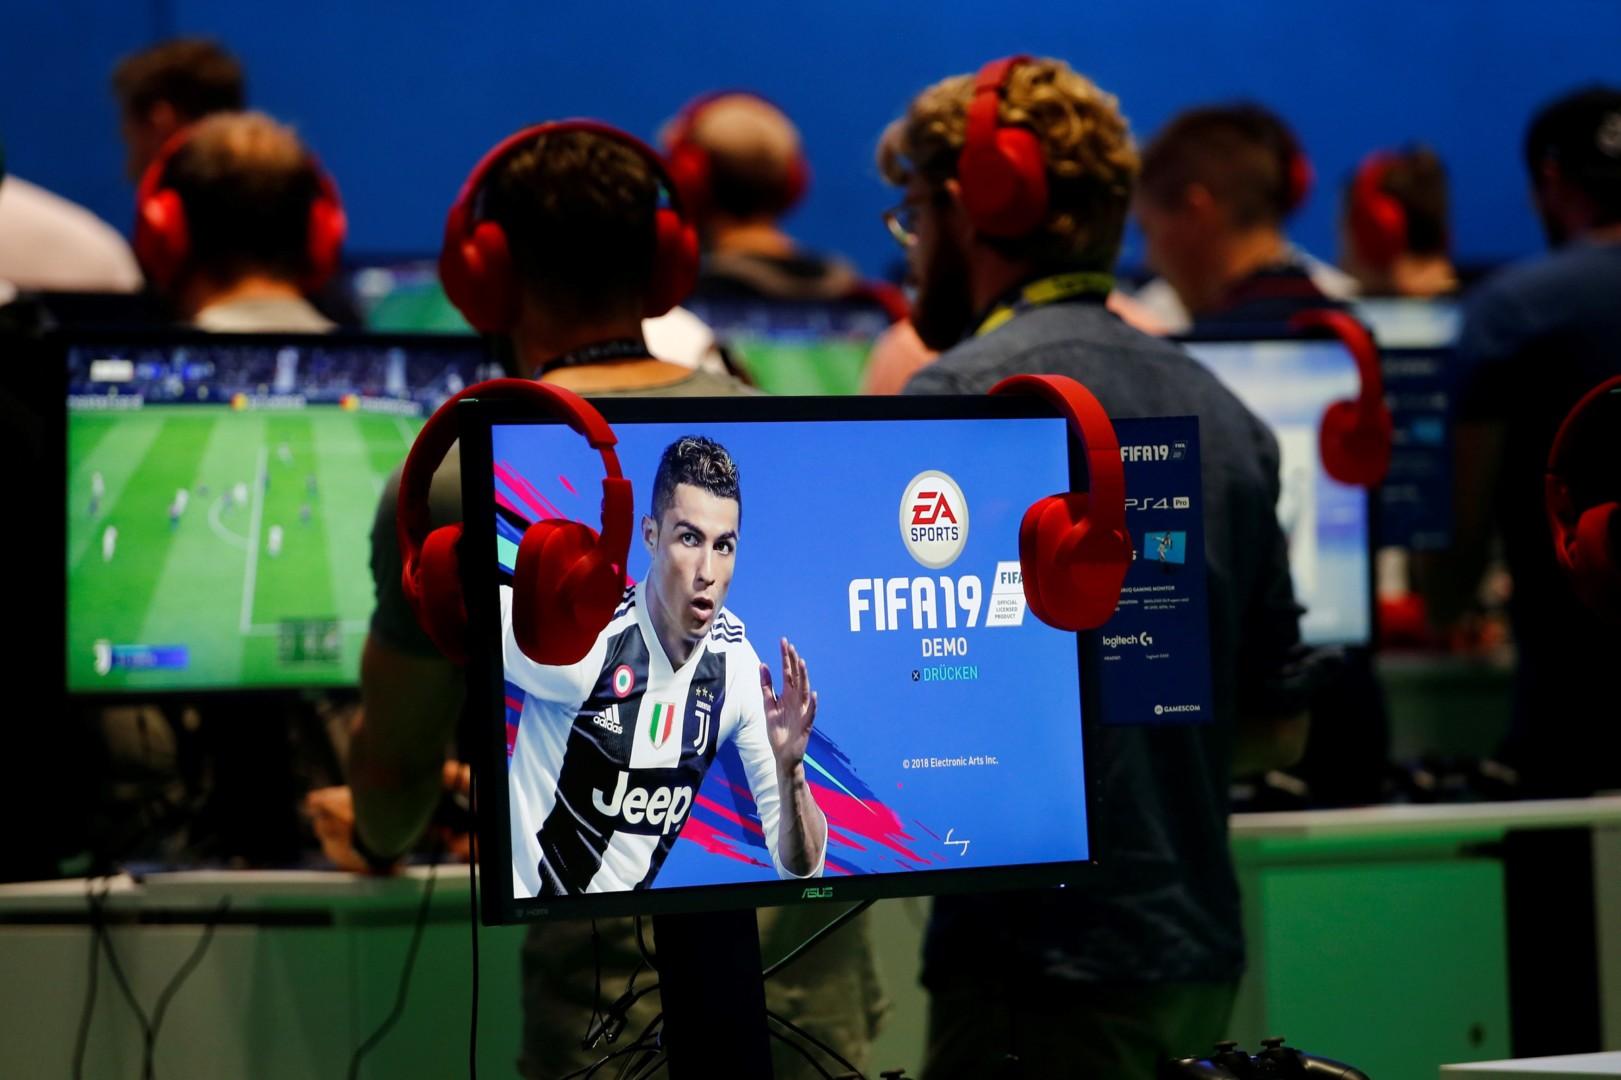 Gamescom 2018: comenzó la feria de videojuegos más importante de Europa